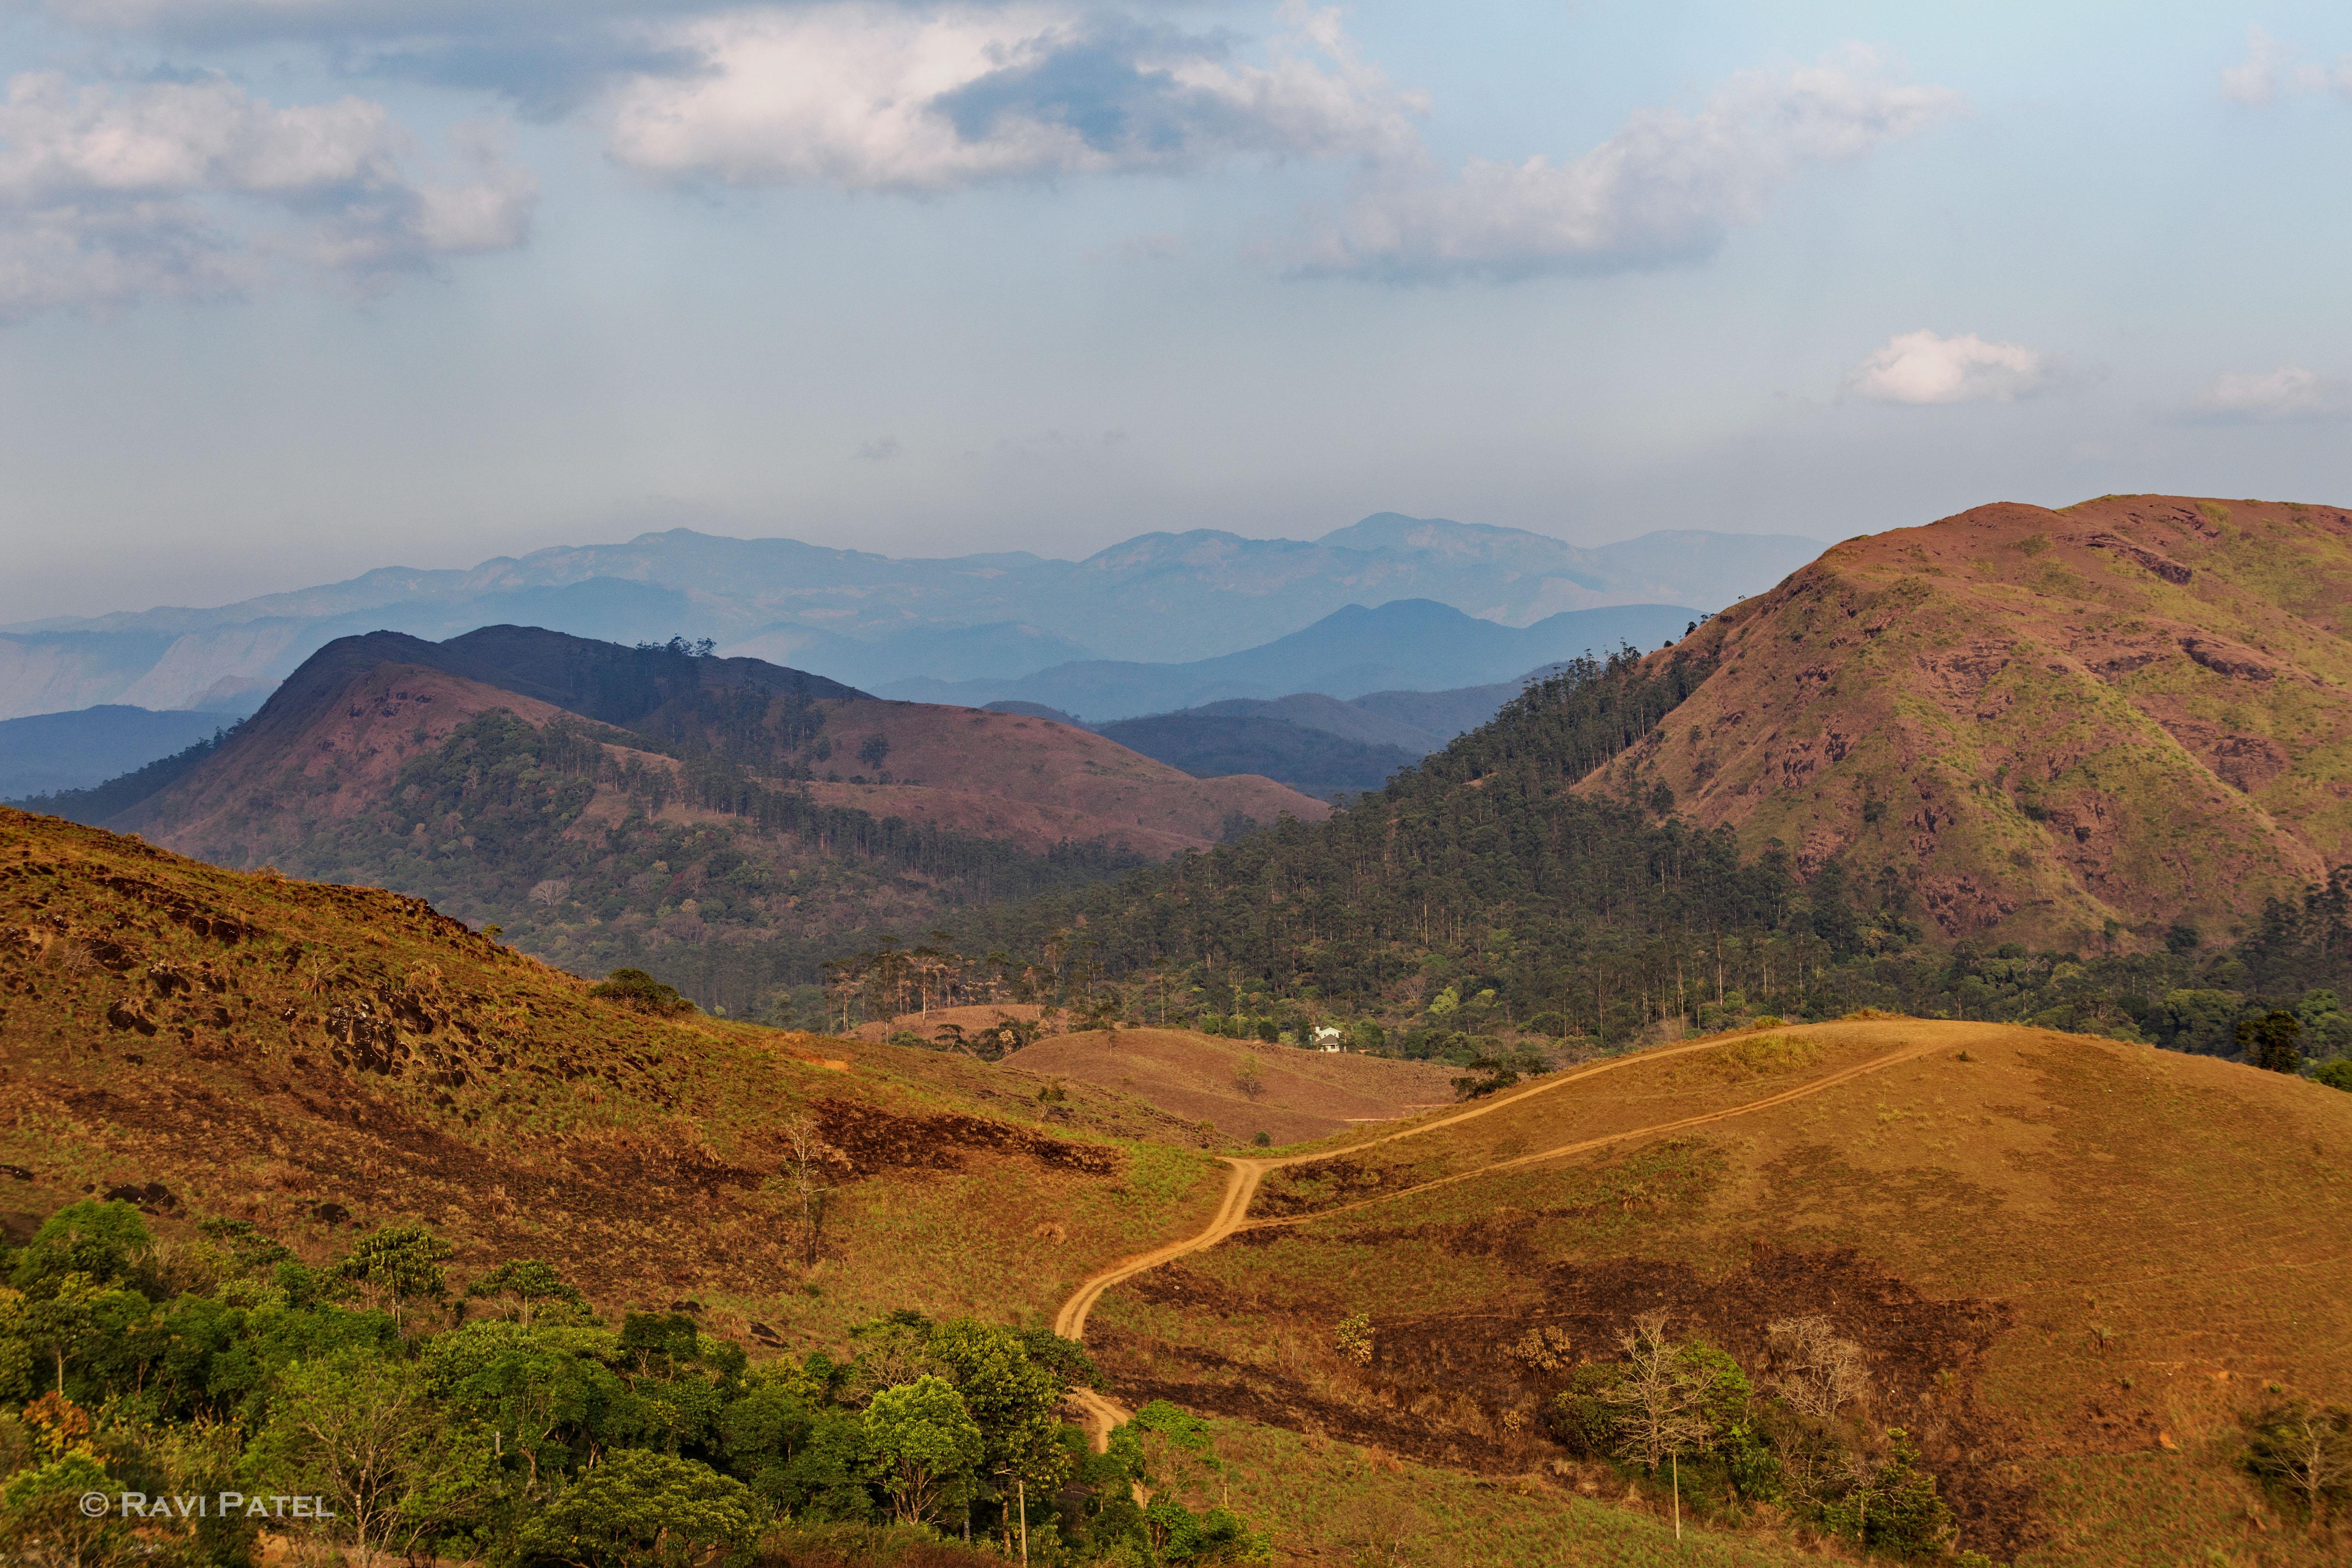 A Kerala Mountain Landscape Photos By Ravi